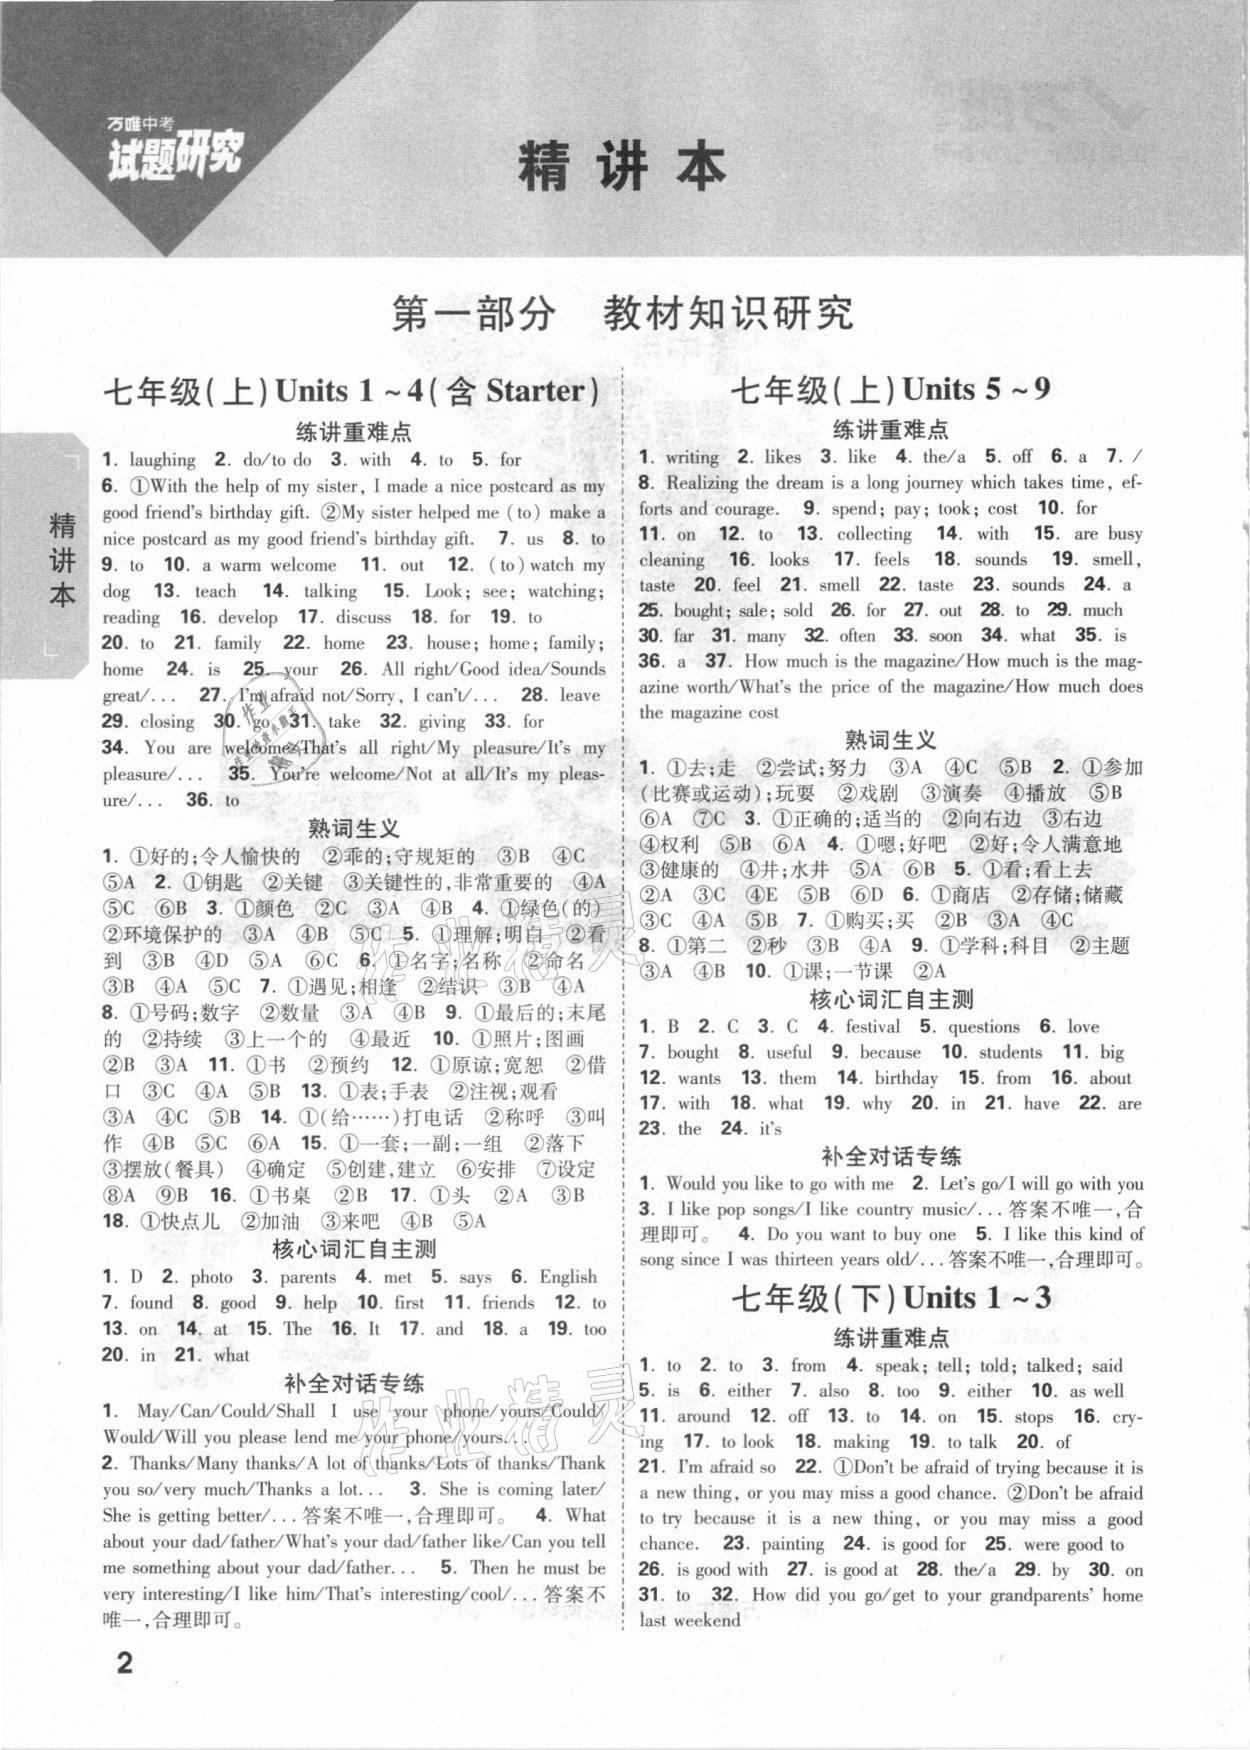 2021年万唯中考试题研究英语河南专版参考答案第1页